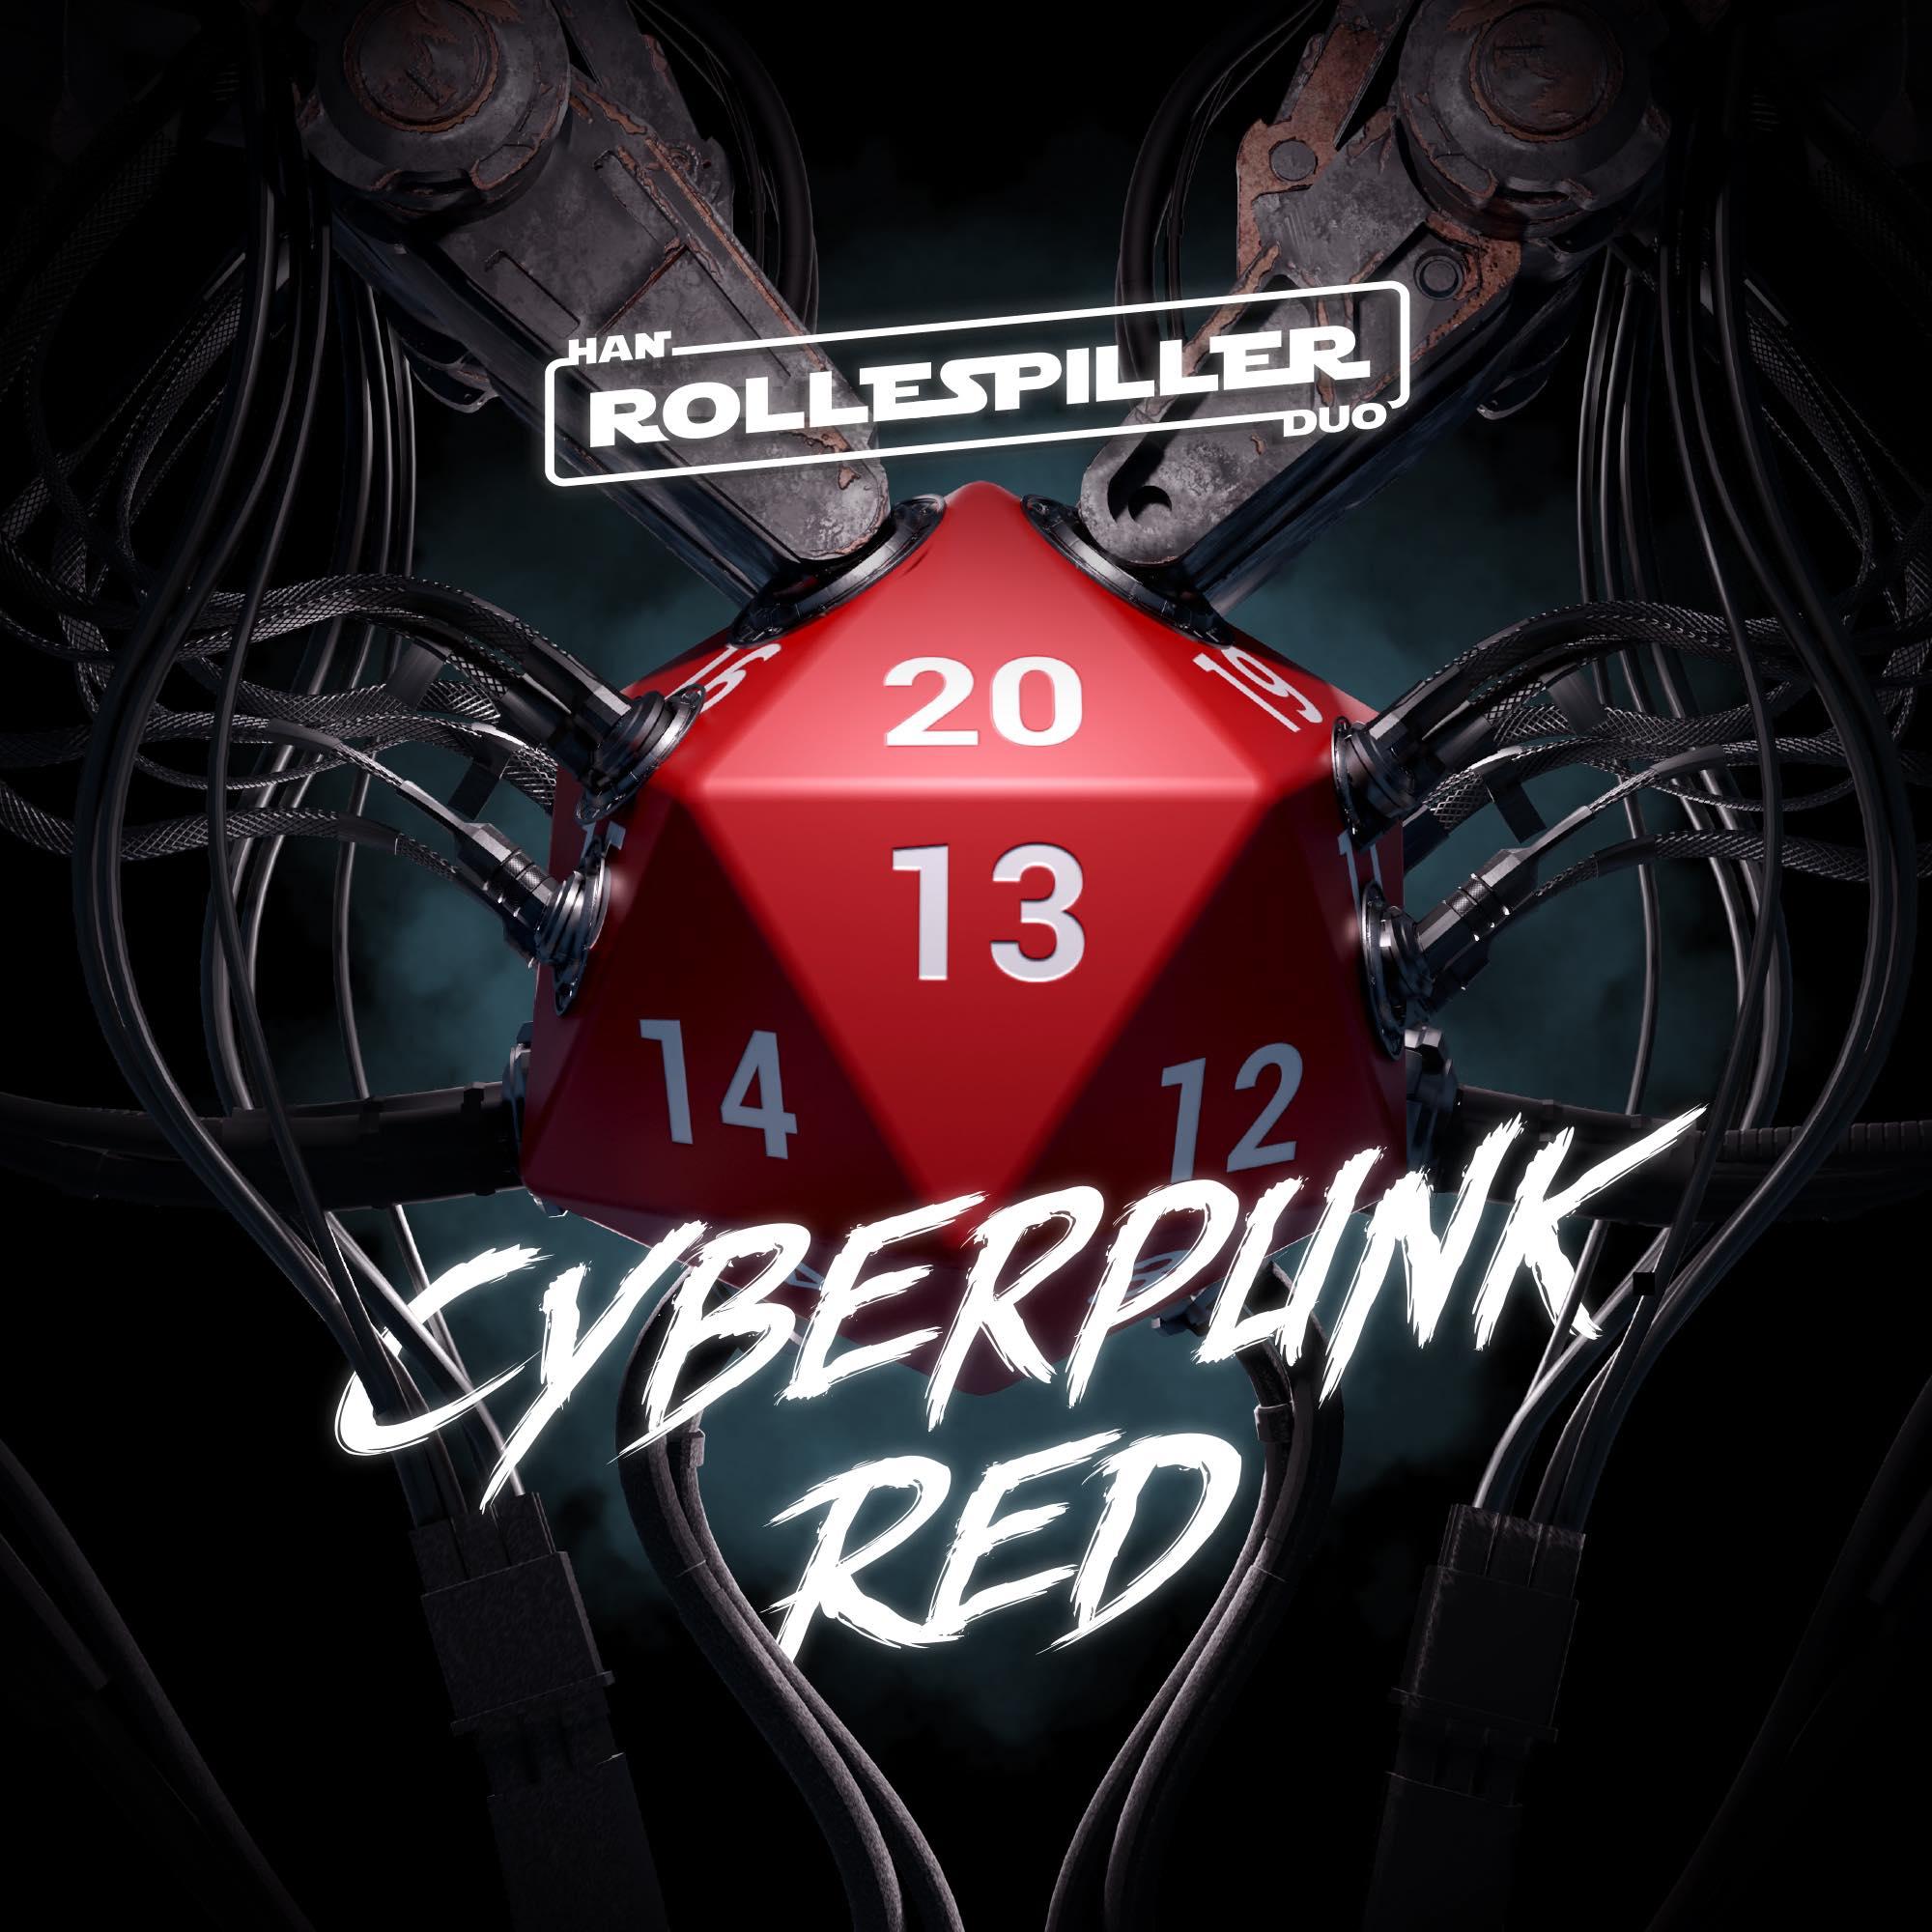 Cyberpunk Red 1:5